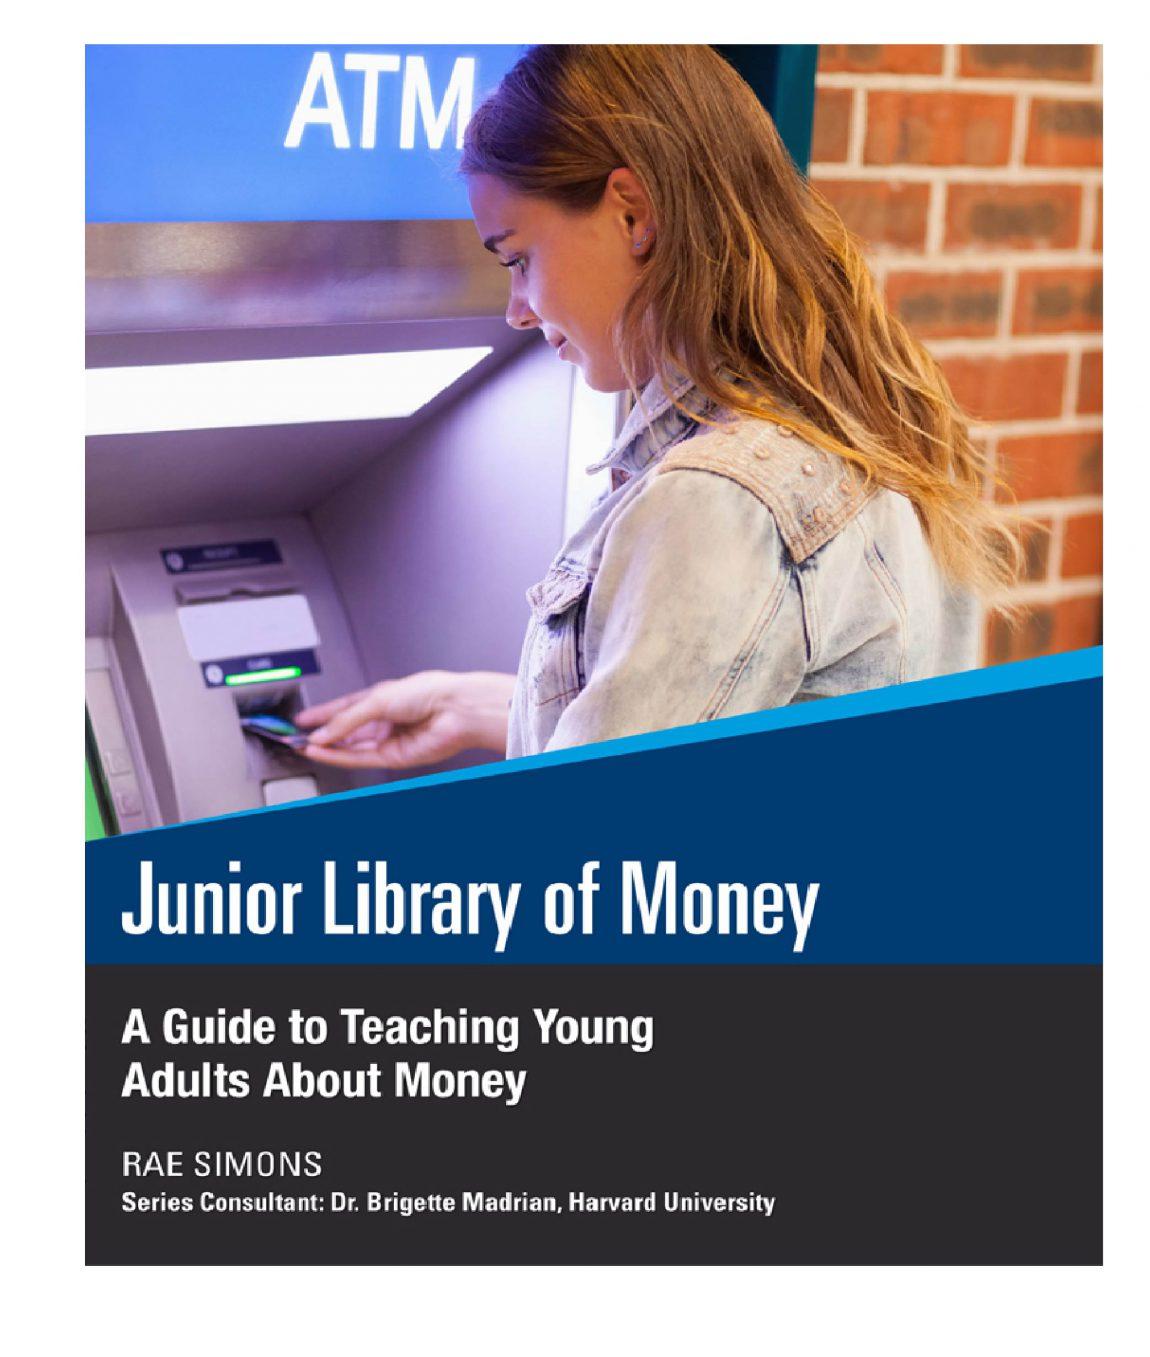 Junior-Library-of-Money-01-01-01.jpg